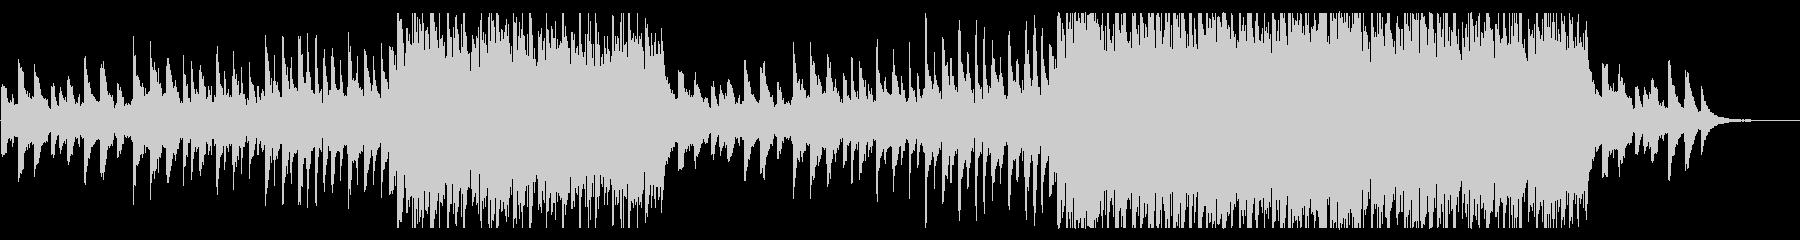 感動的に盛り上がるピアノとストリングスの未再生の波形